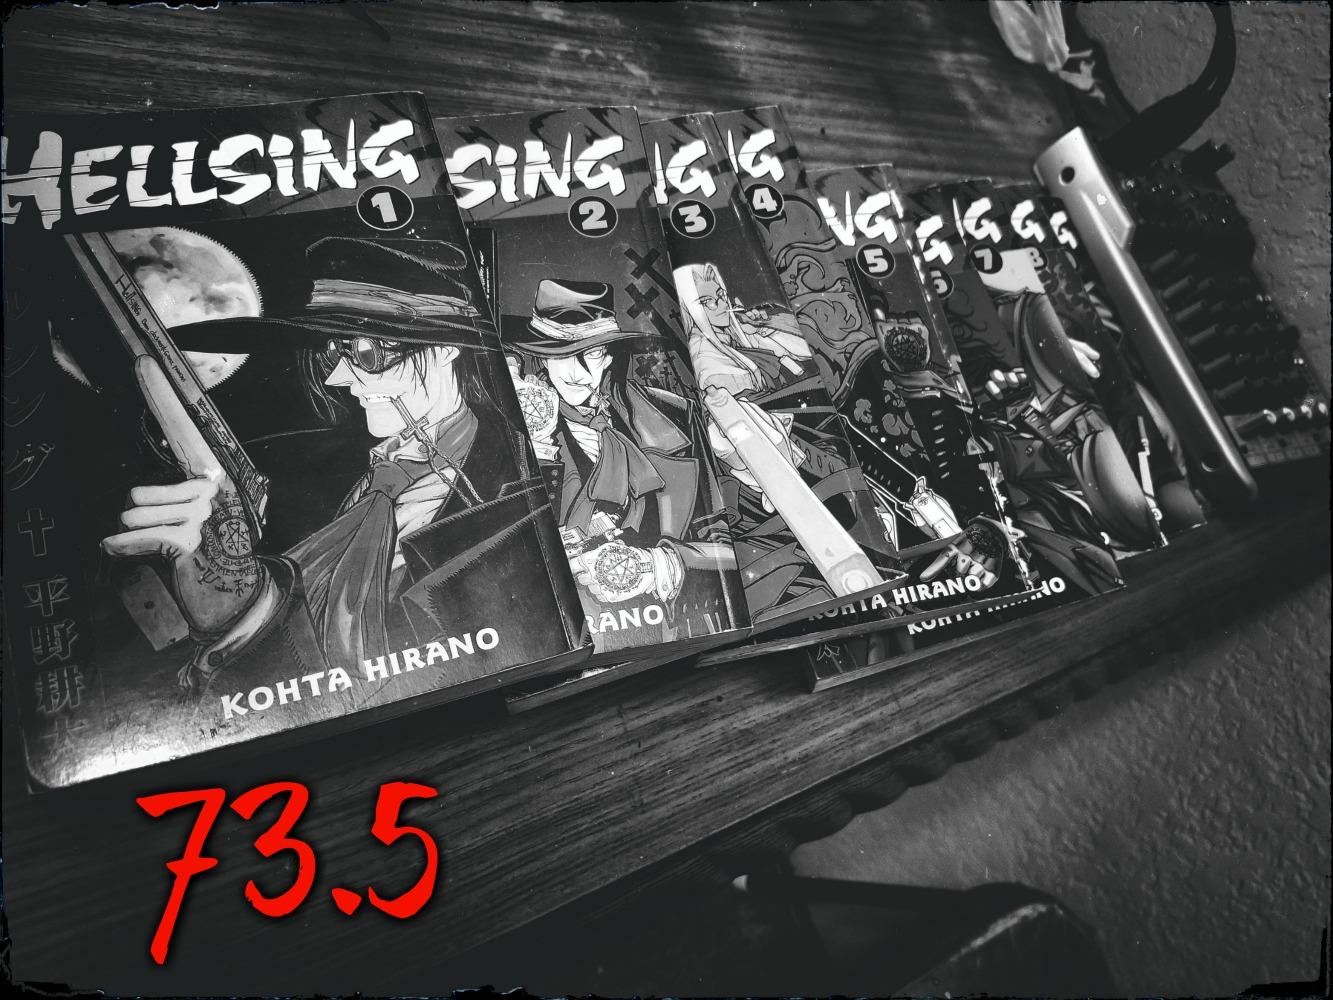 Hellsing-books-title.jpg